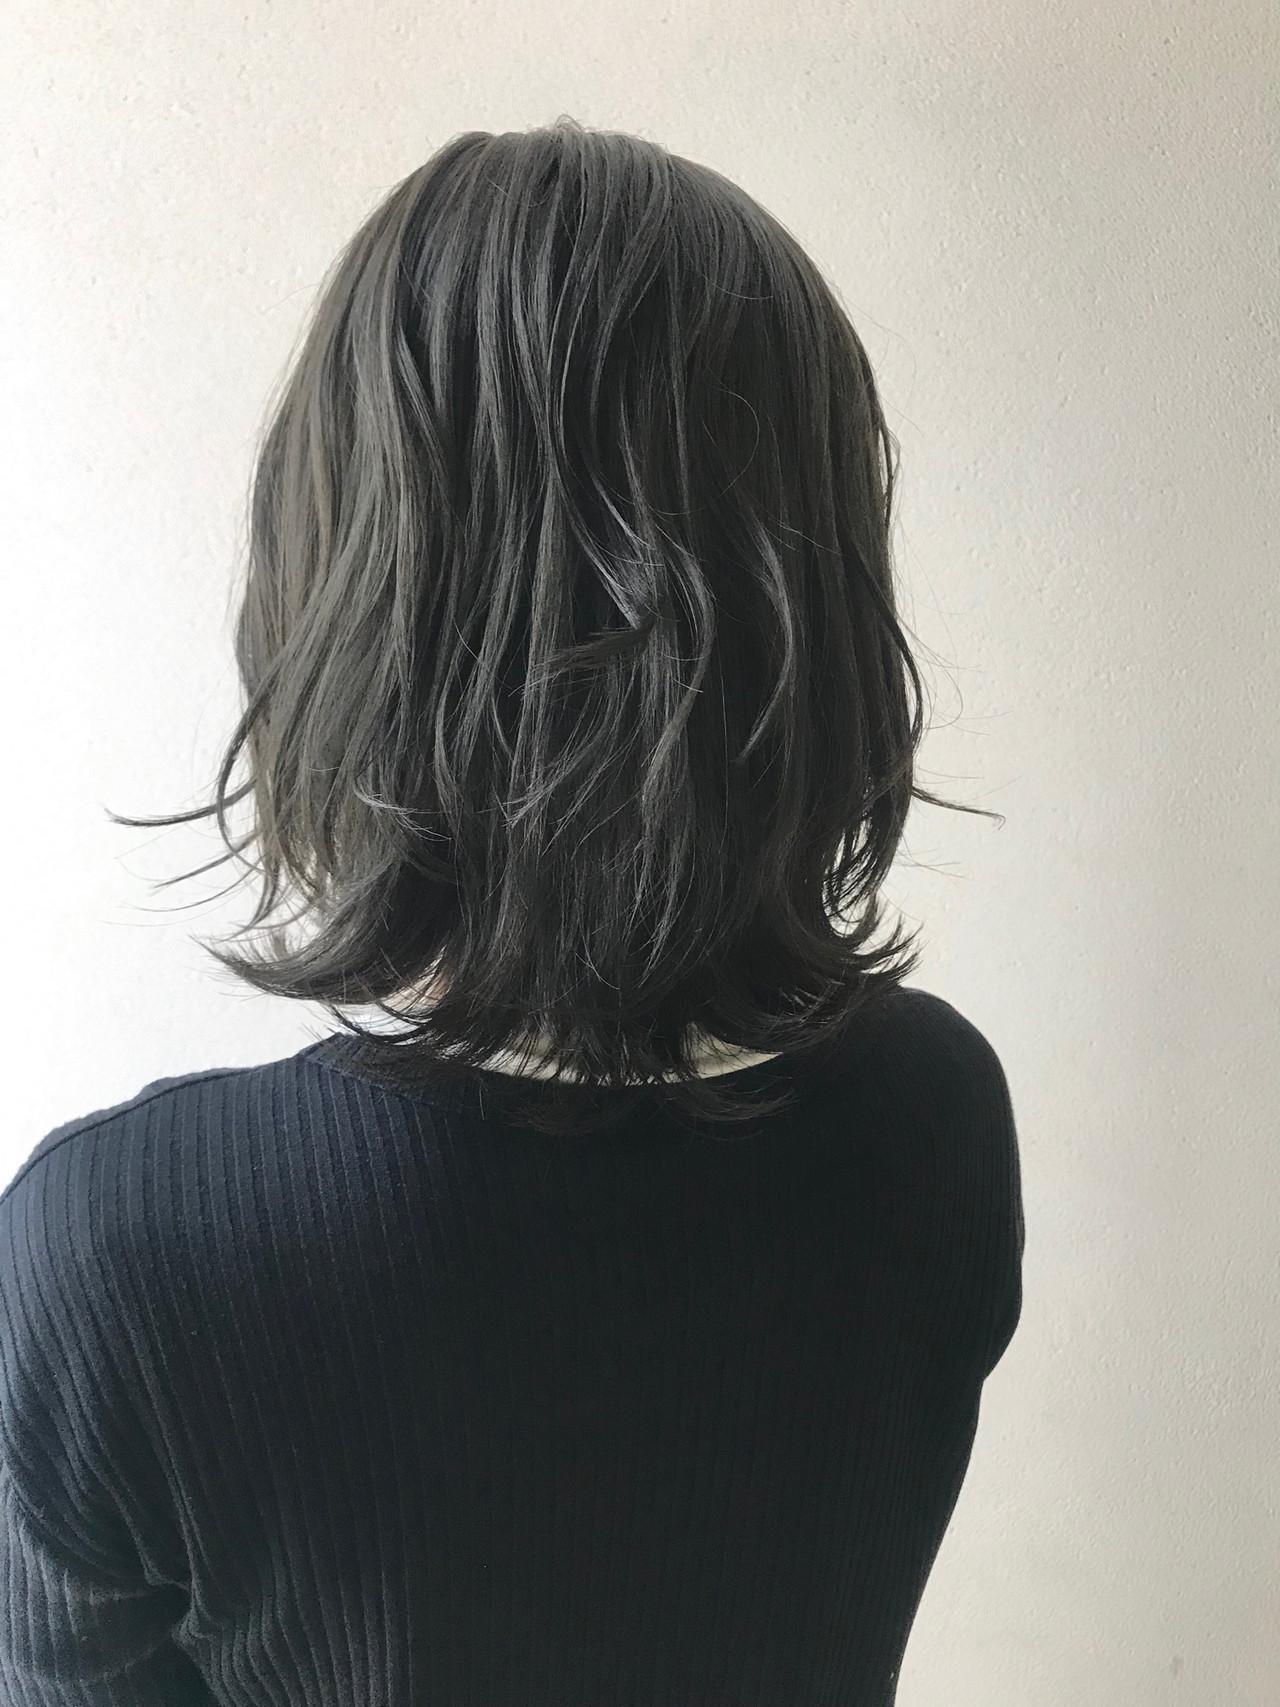 くびれボブ 大人ミディアム ミディアムレイヤー ミディアム ヘアスタイルや髪型の写真・画像 | 沢田 瞳 / owlhair